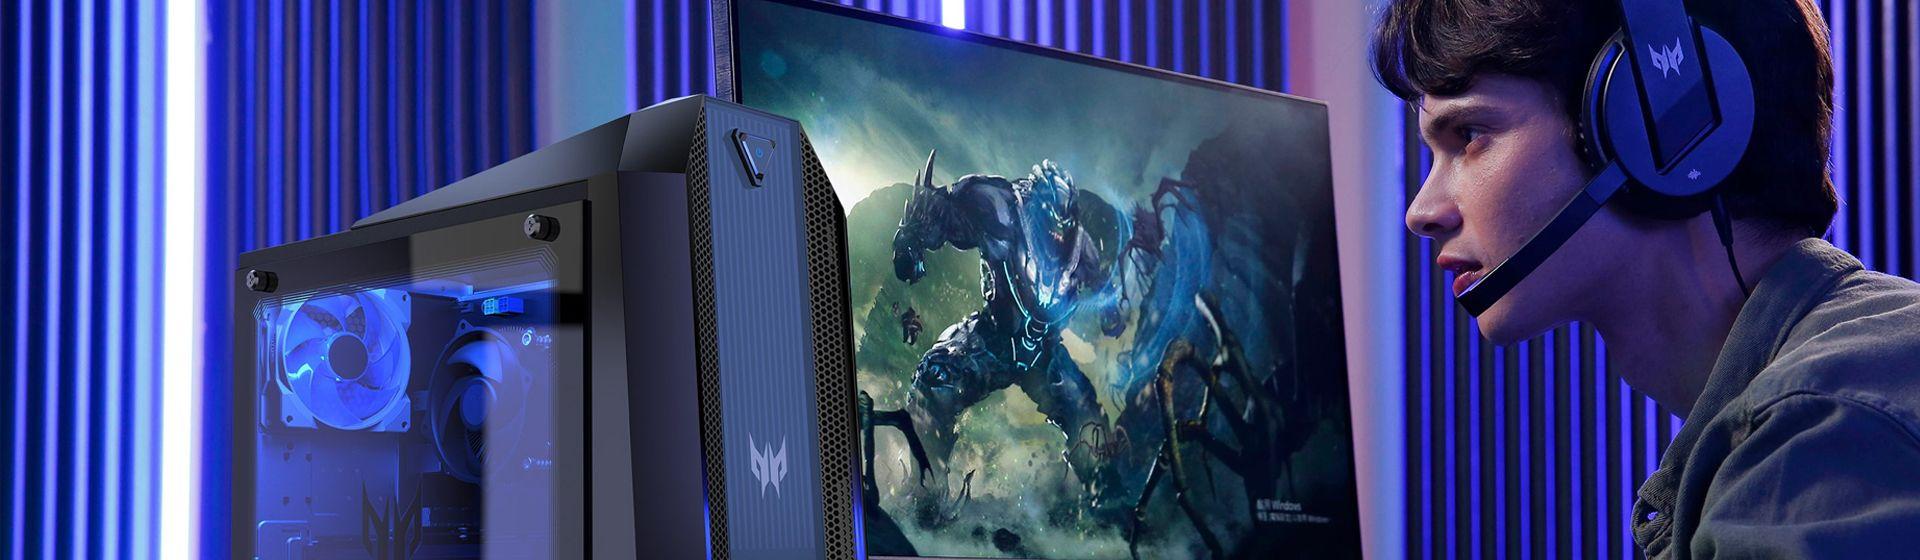 Acer lança monitores gamer de até 240Hz das linhas Nitro e Predator